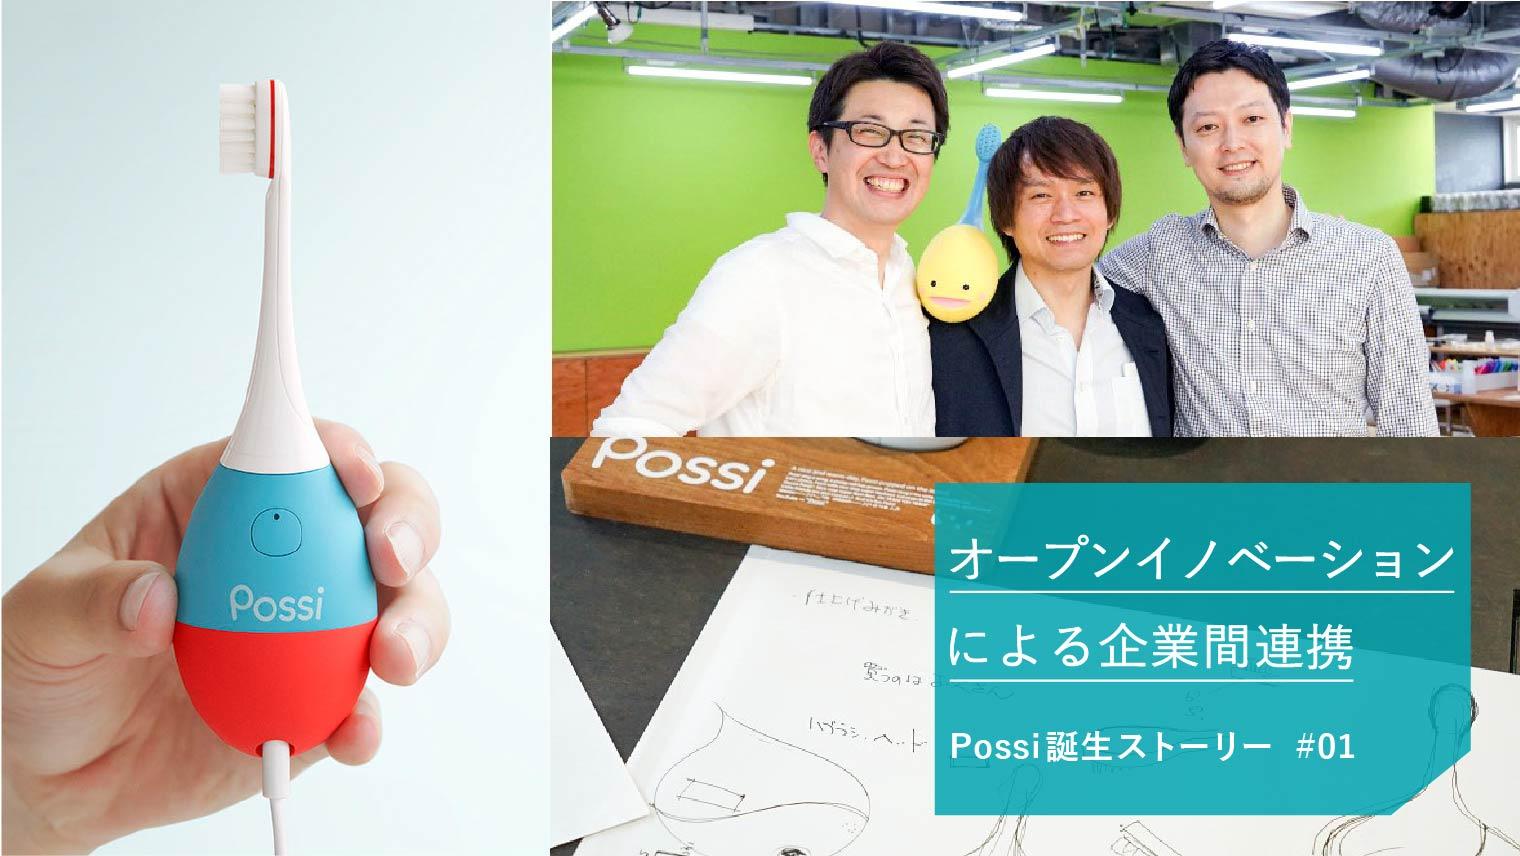 【連載】「ソニー・京セラ・ライオン」大企業の三社共創、9か月でアイデアが形に へのリンク